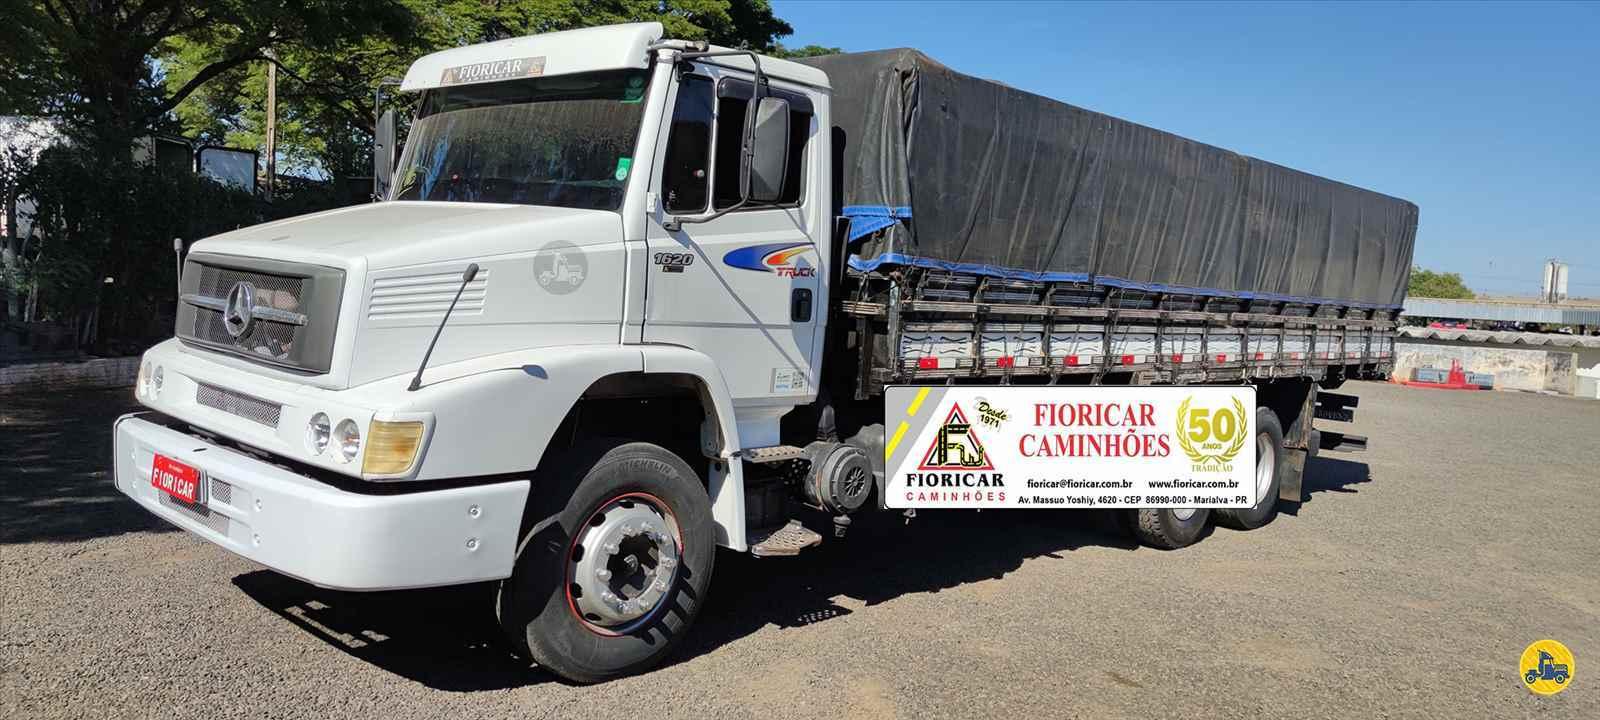 CAMINHAO MERCEDES-BENZ MB 1620 Graneleiro Truck 6x2 Fioricar Caminhões MARIALVA PARANÁ PR